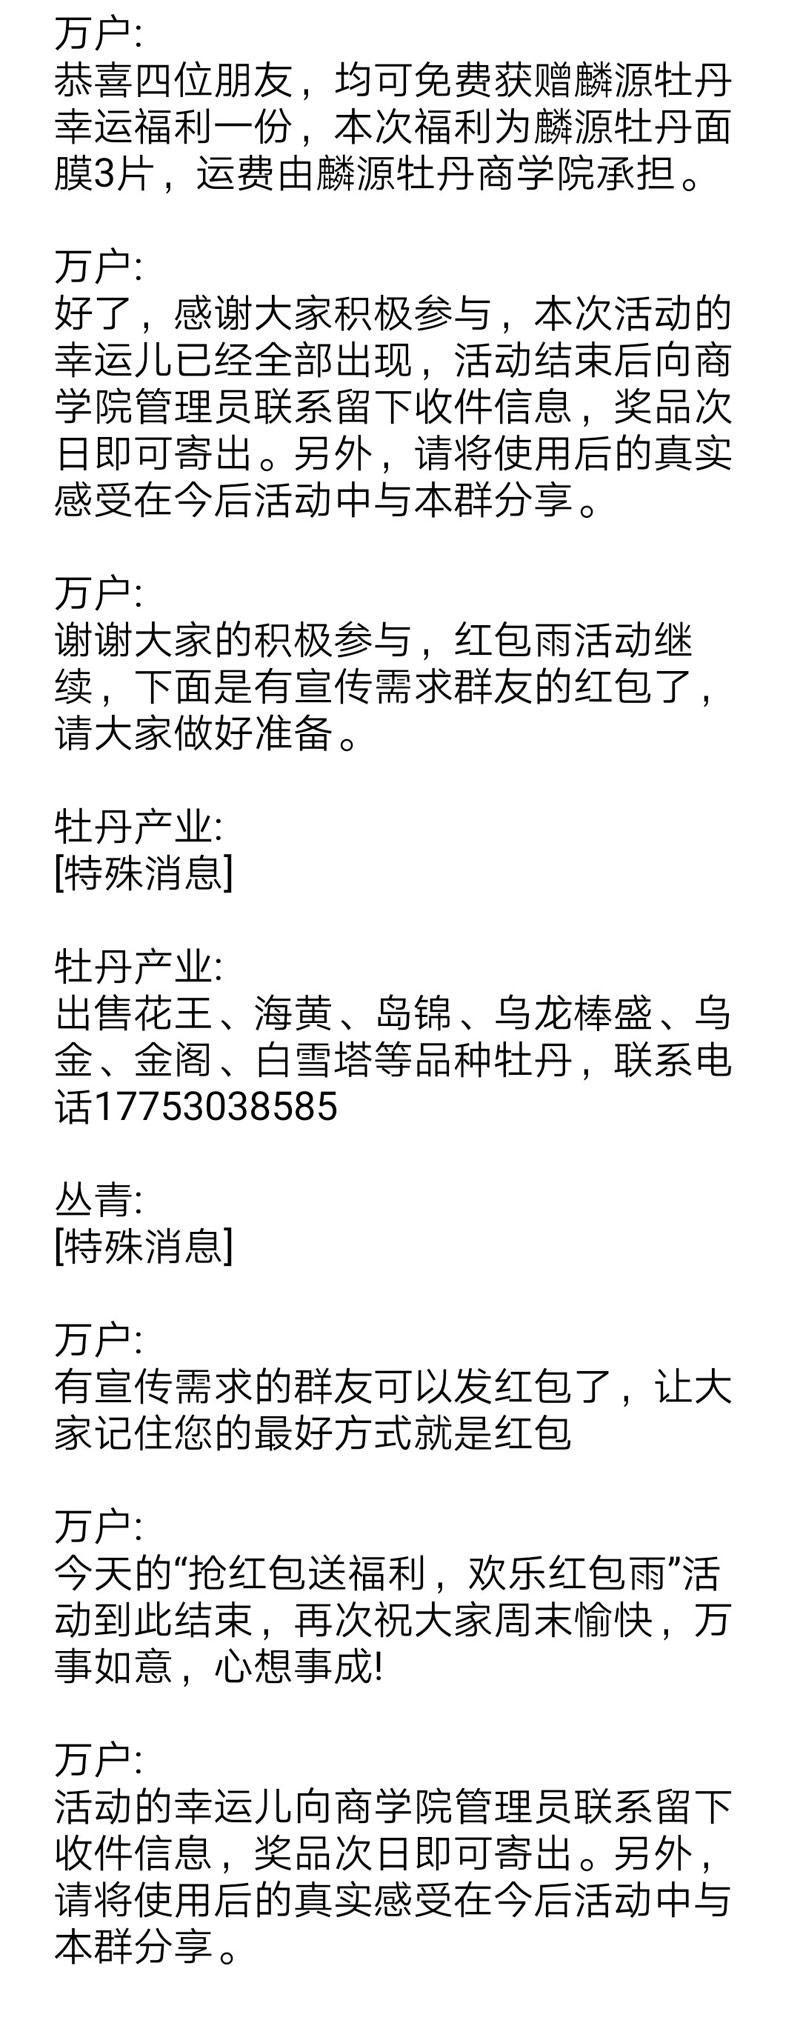 """麟源牡丹商学院成功举办""""抢红包送福利,欢乐红包雨""""运动"""